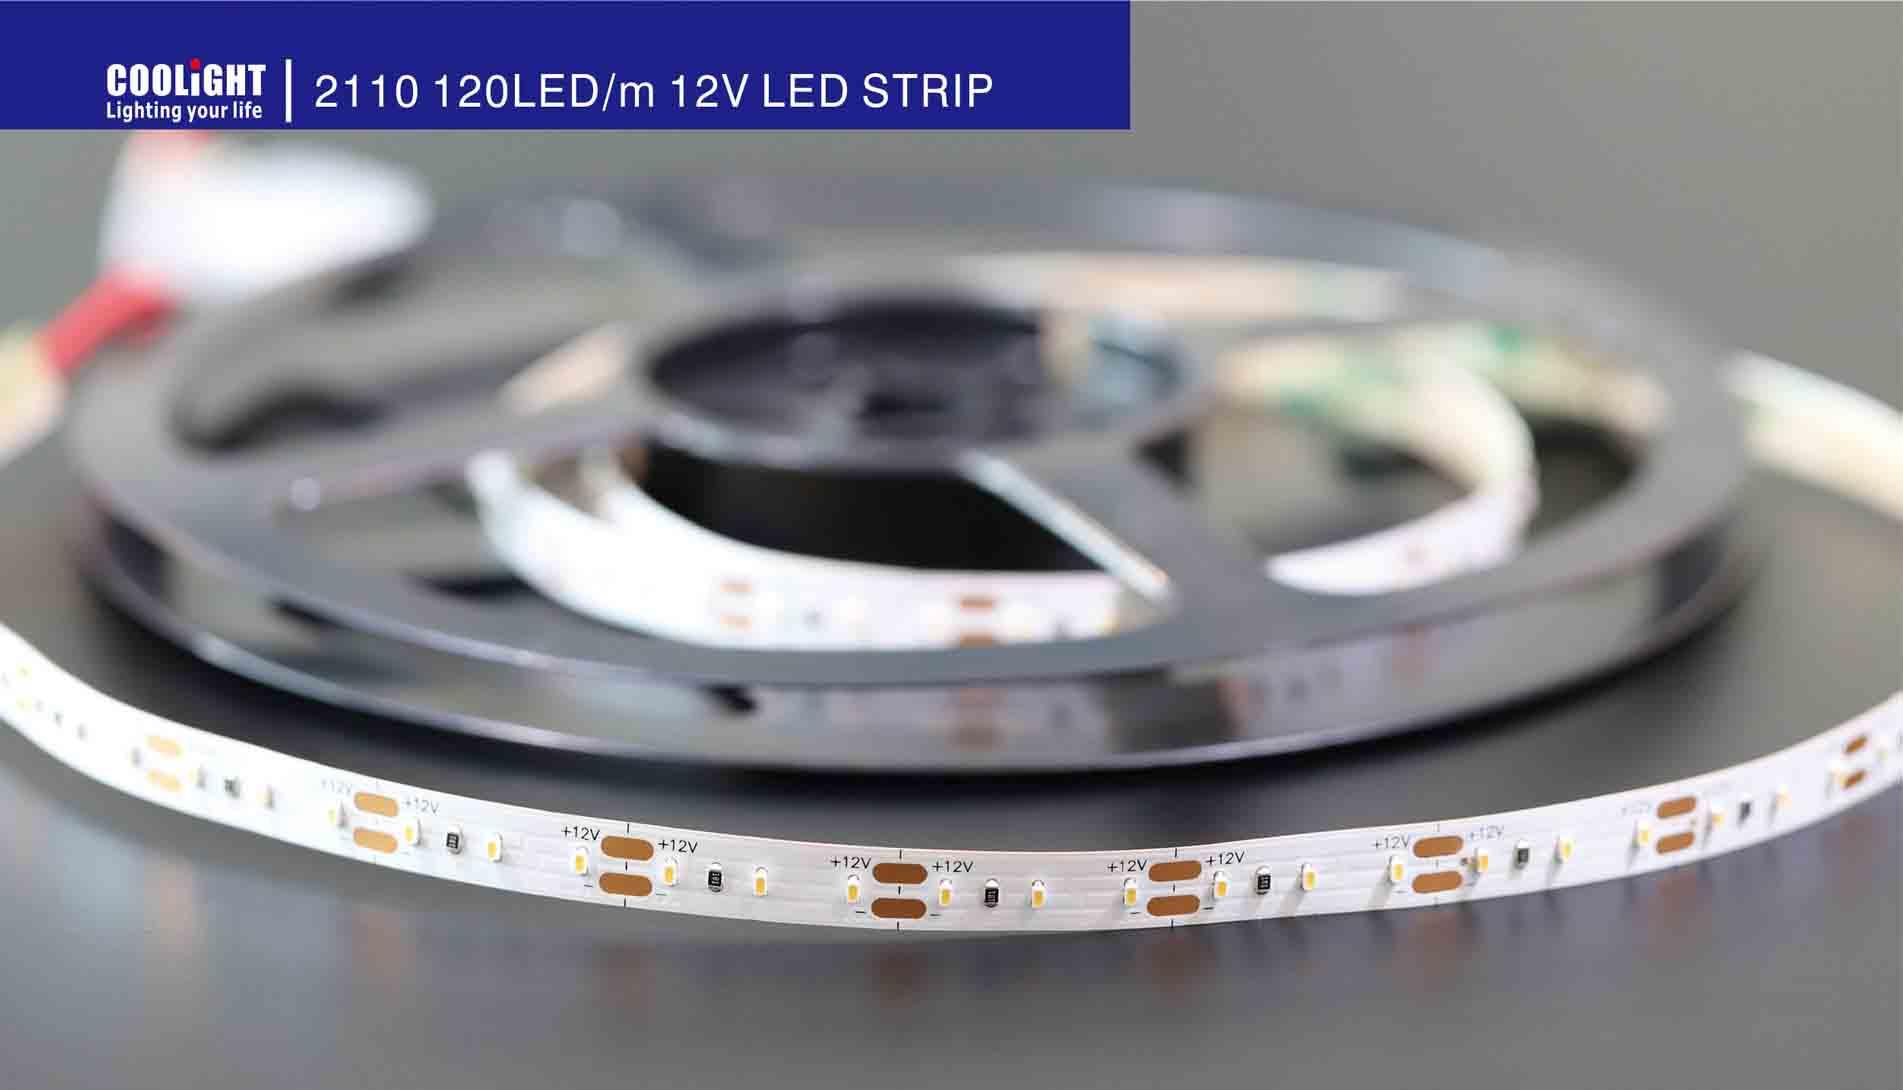 2110 120led 12v led strip